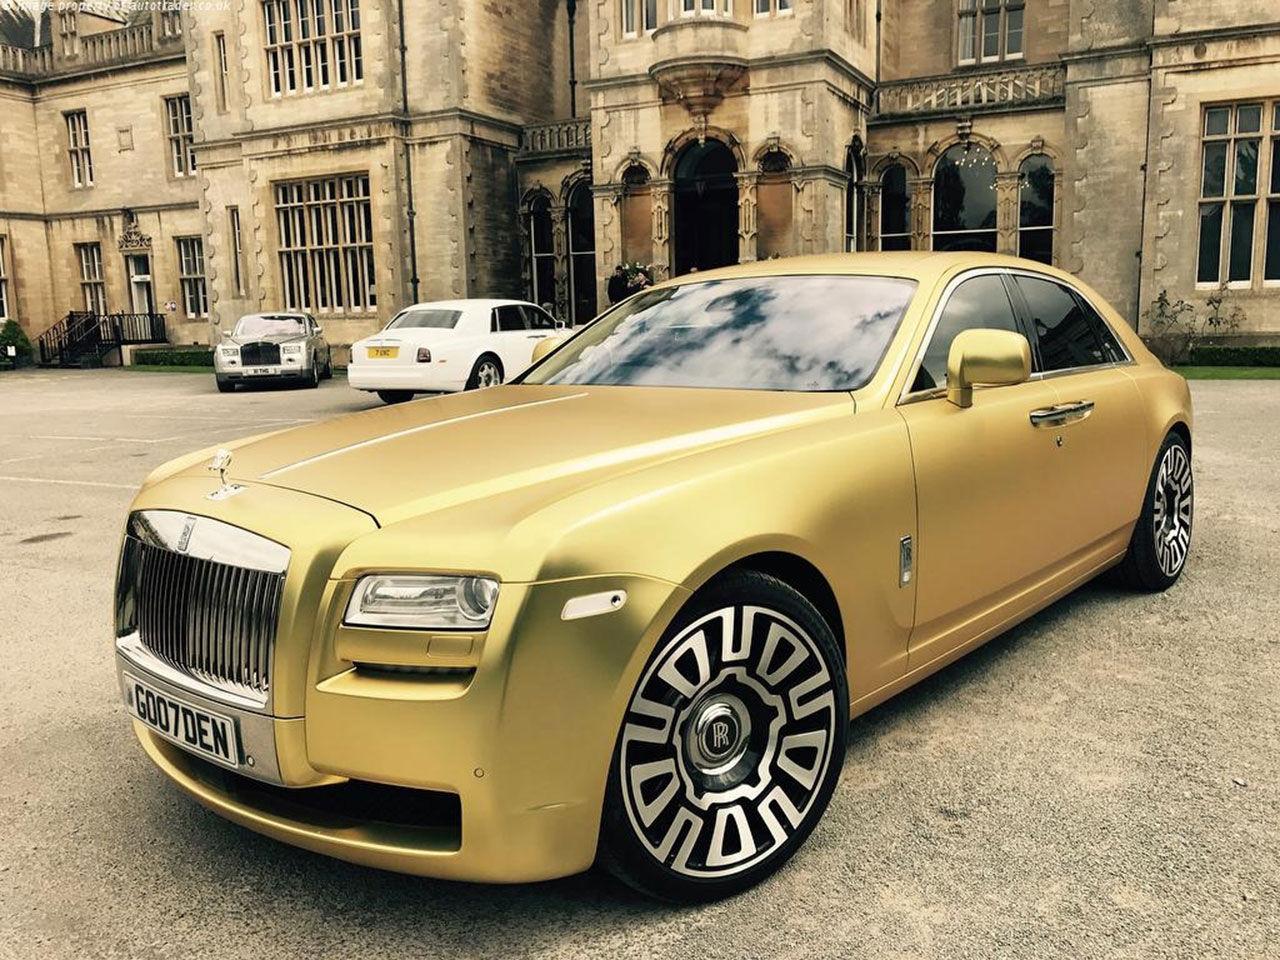 Snubbe säljer sin Rolls-Royce för Bitcoins